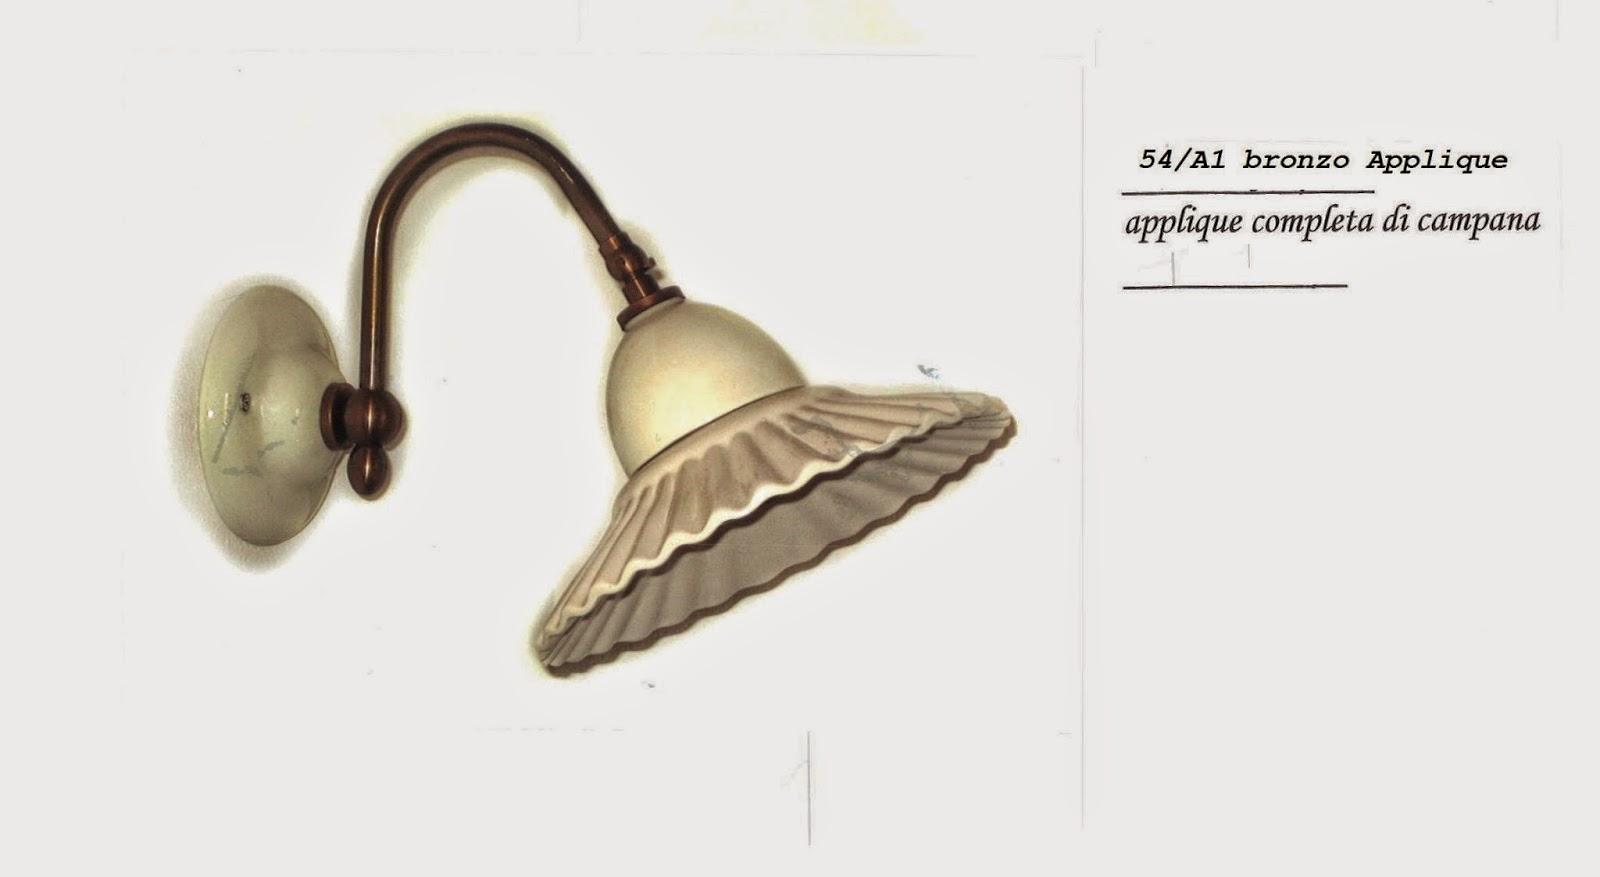 Fabbrica lampadari murano componenti per impianto elettrico con